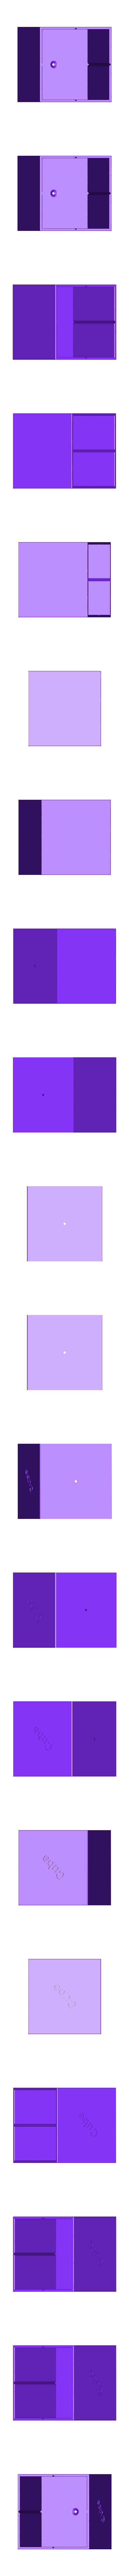 Cube_box_edge_60_ver2.stl Télécharger fichier STL gratuit Octaèdre en cube / Hexaèdre • Plan imprimable en 3D, LGBU